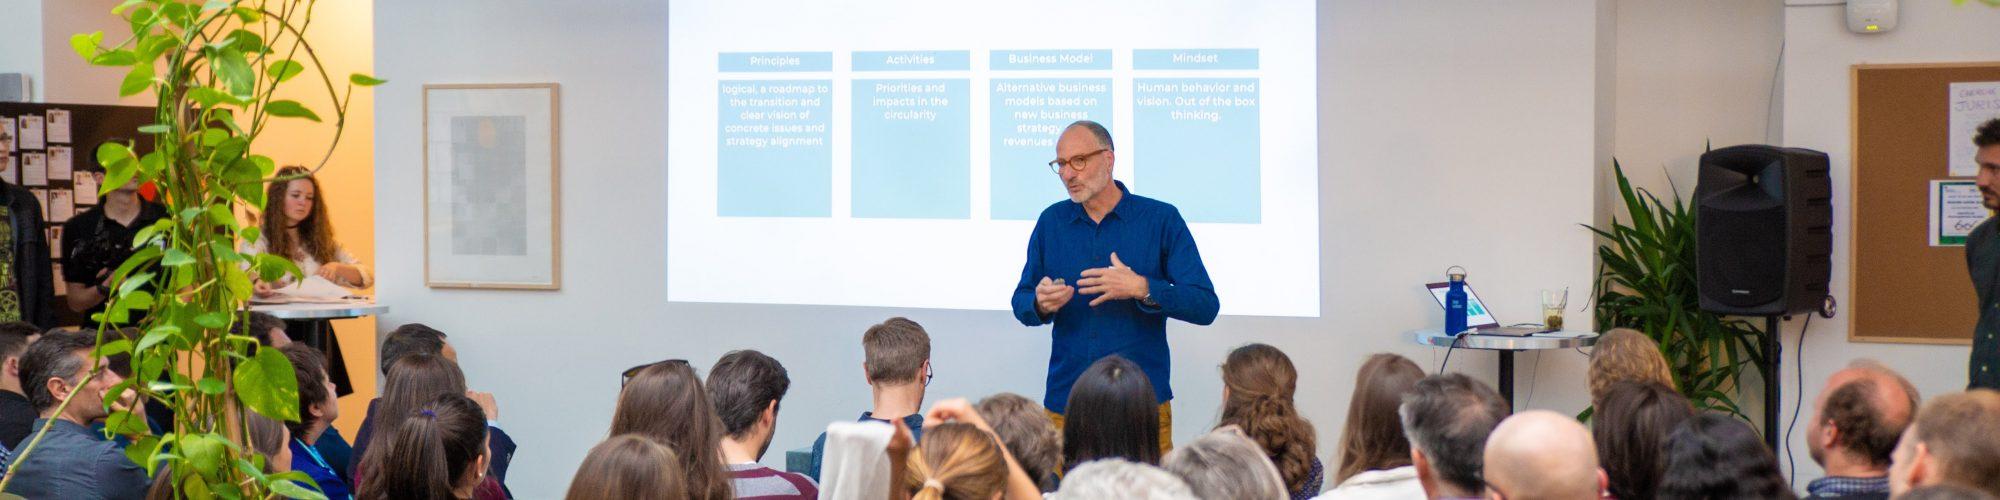 CET_Presentation_Laurent Maeder